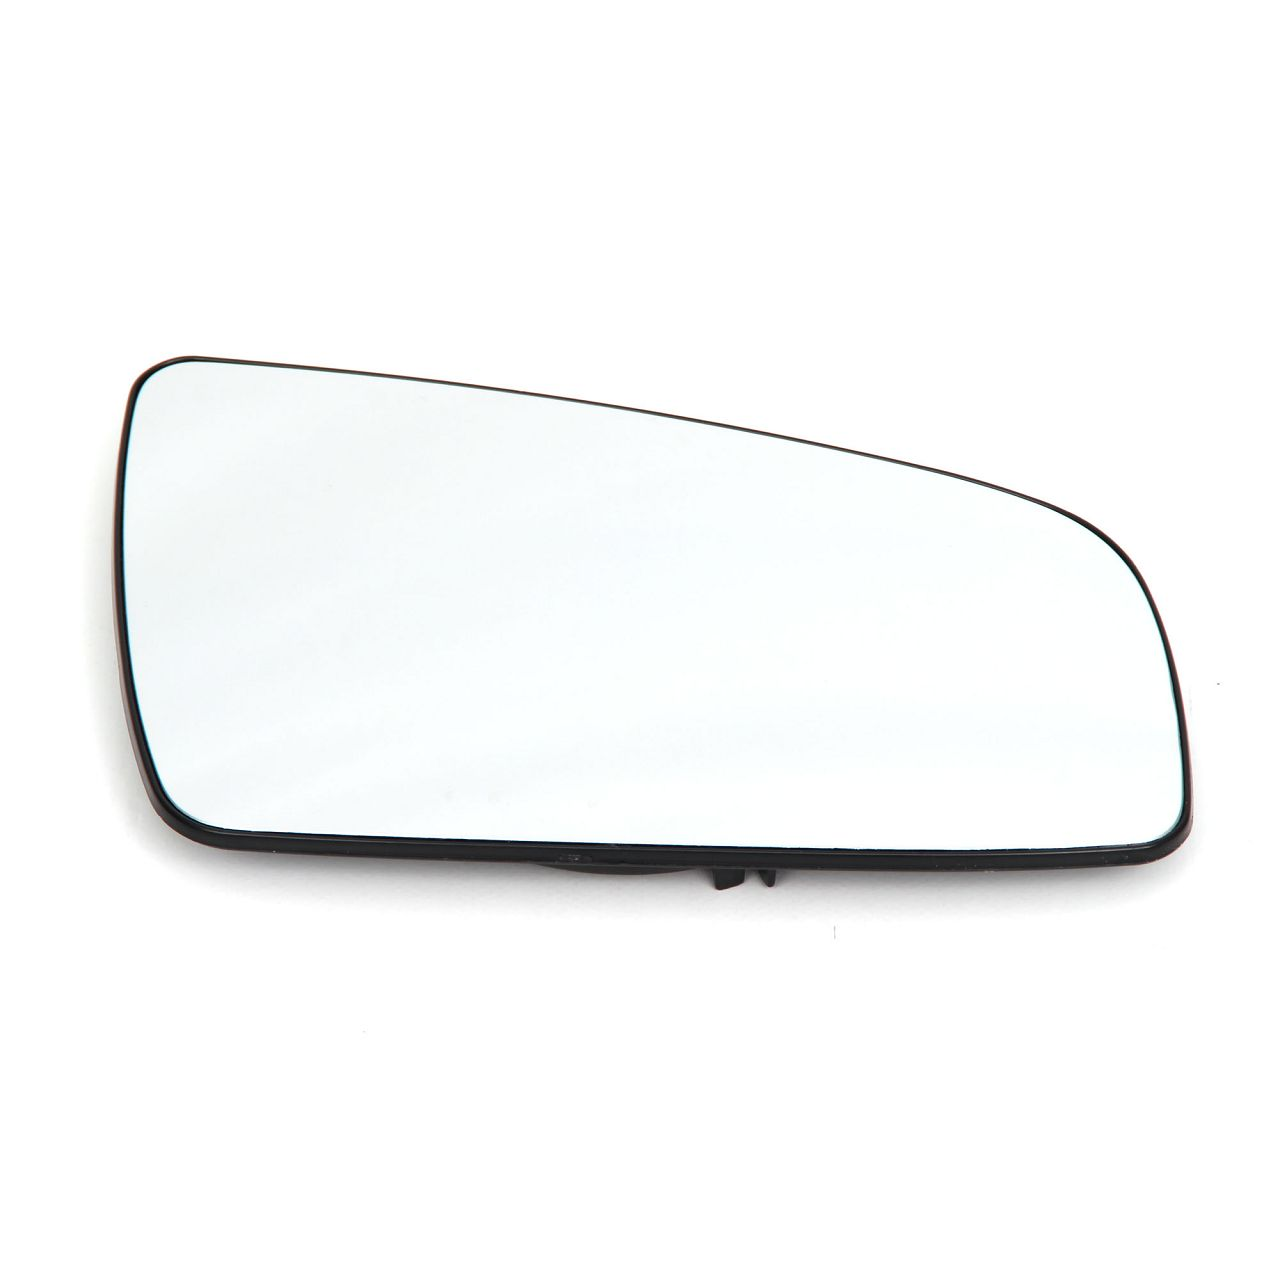 Außenspiegel Spiegelglas ELEKTRISCH für OPEL Zafira B bis Fgst. rechts 13162275